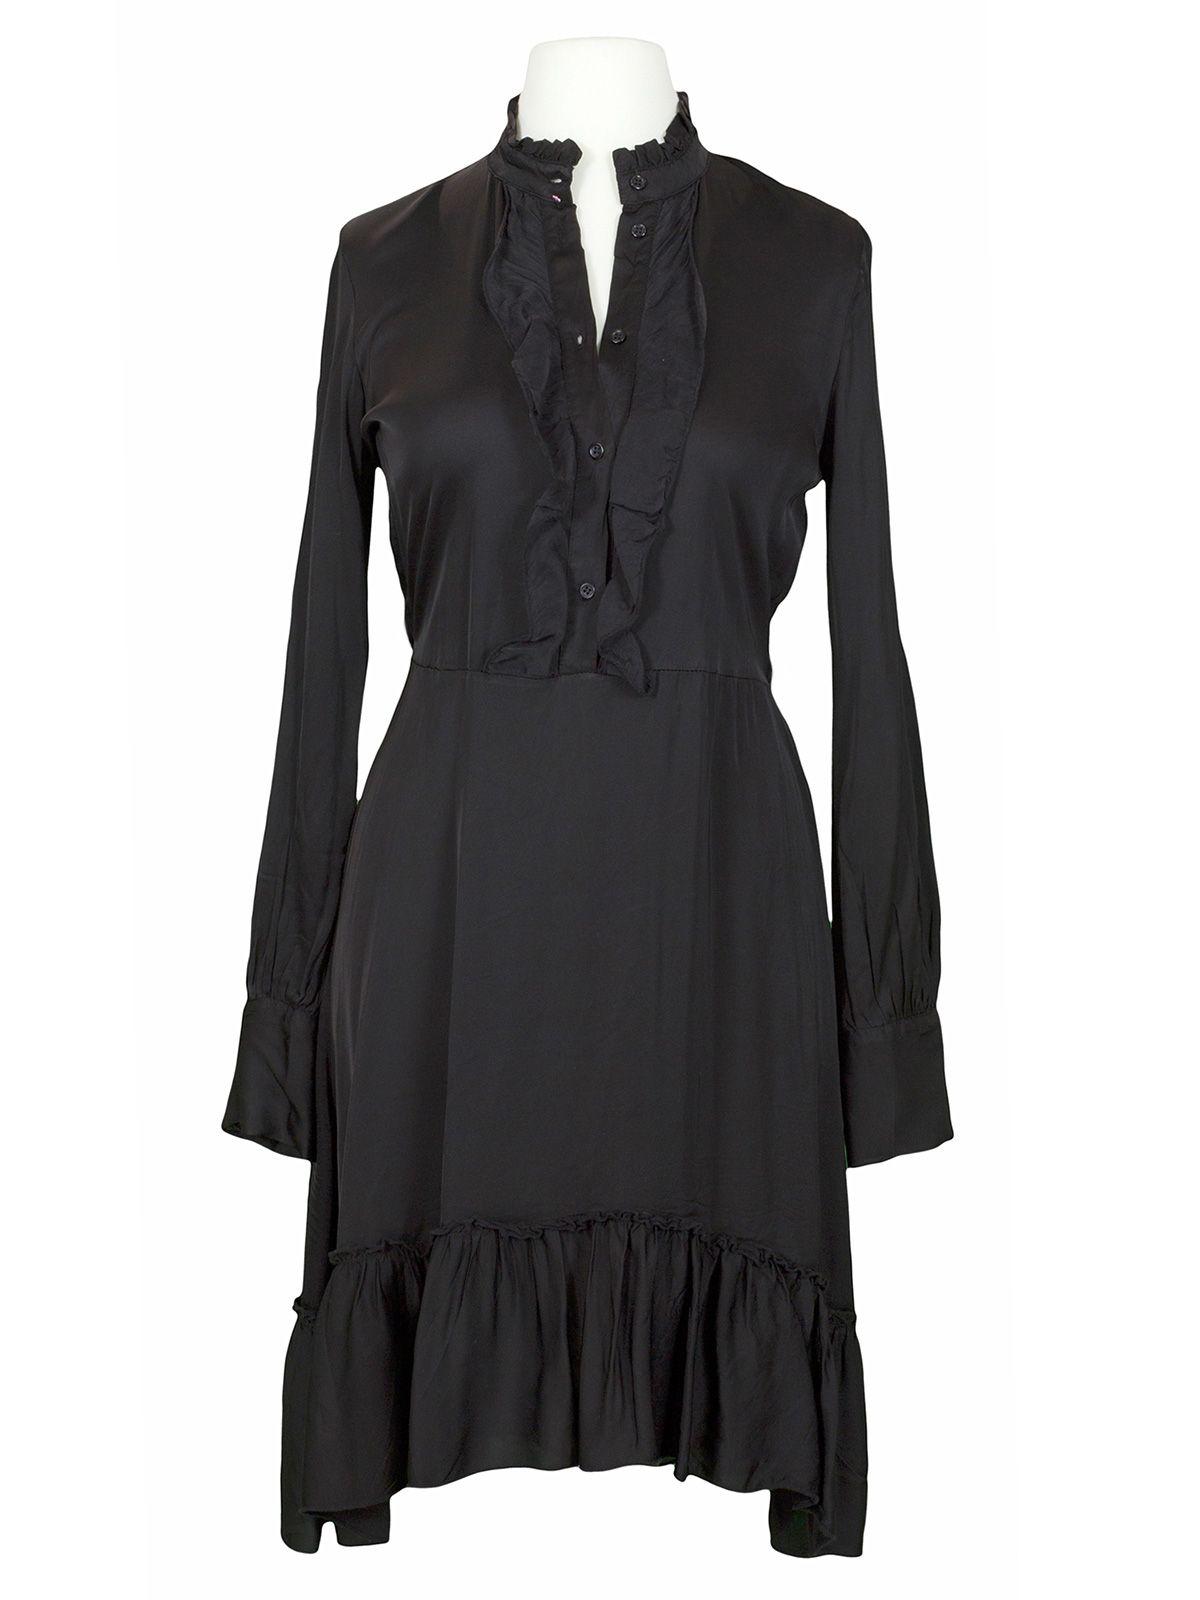 satin kleid mit rüschen, schwarz bei meinkleidchen kaufen